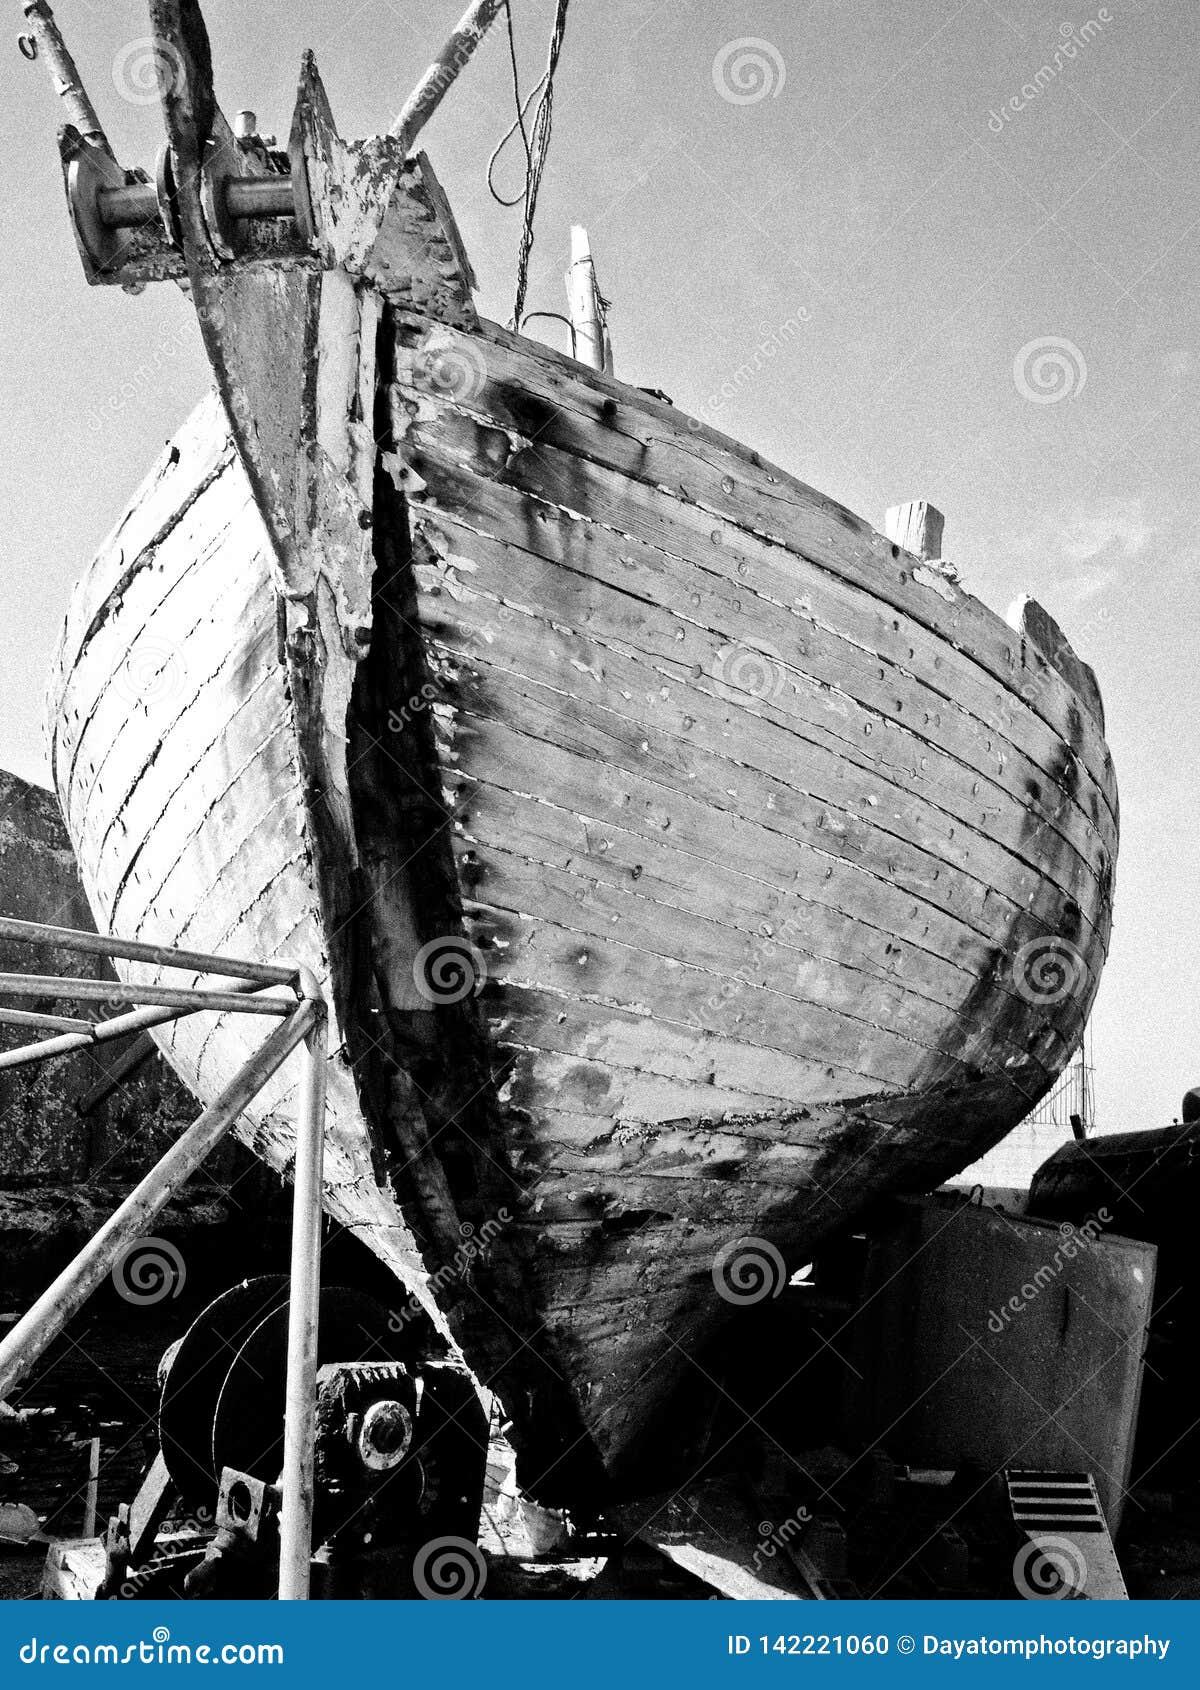 Auf Land, in Schwarzweiss geregelt zu werden Bootsschiffbruchstellung,